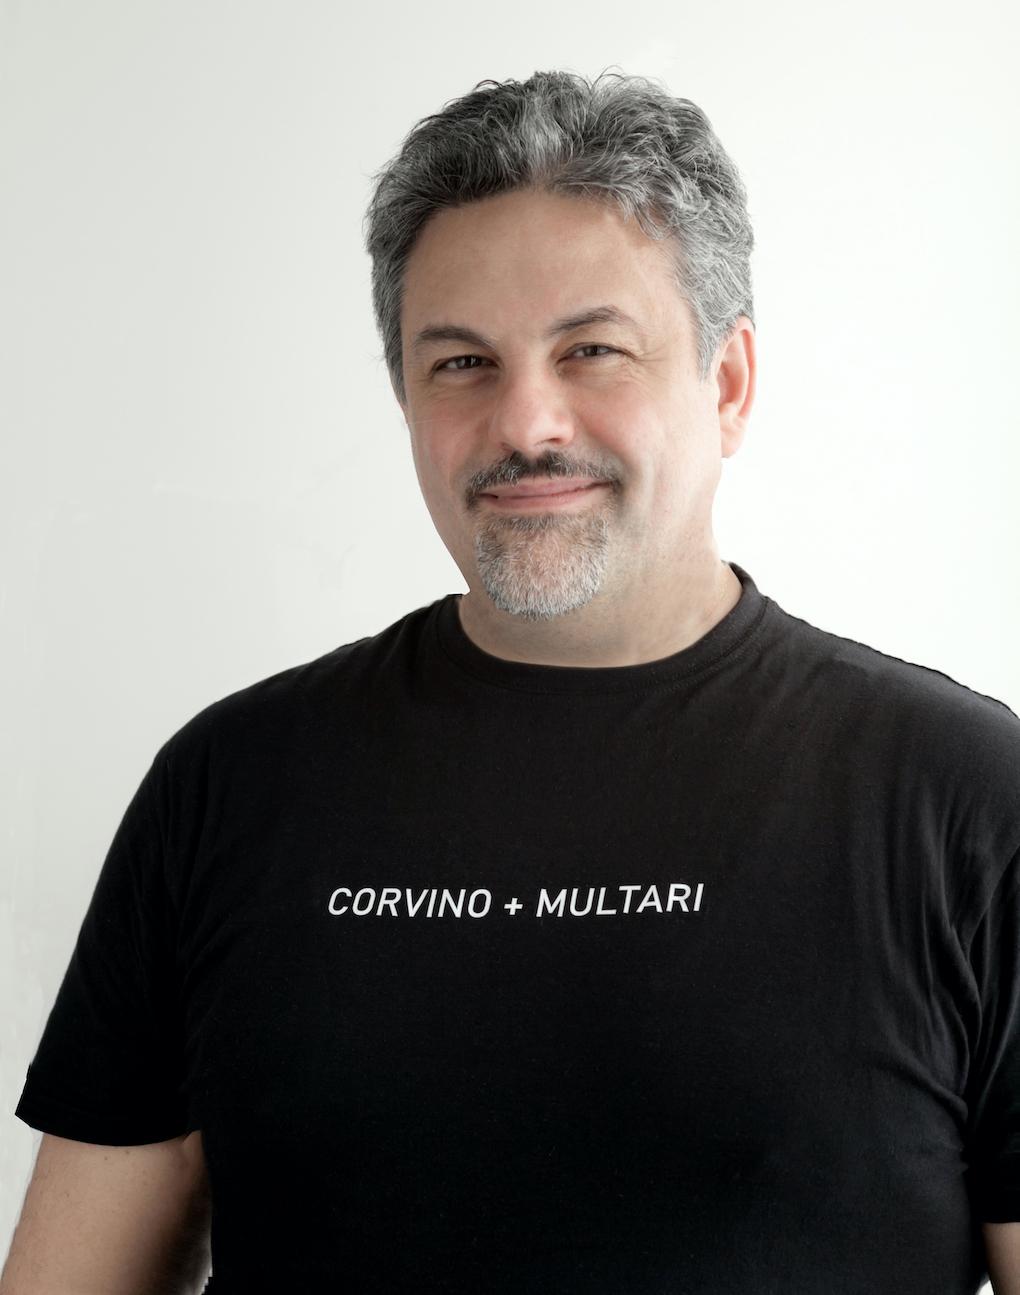 Marco Poerio